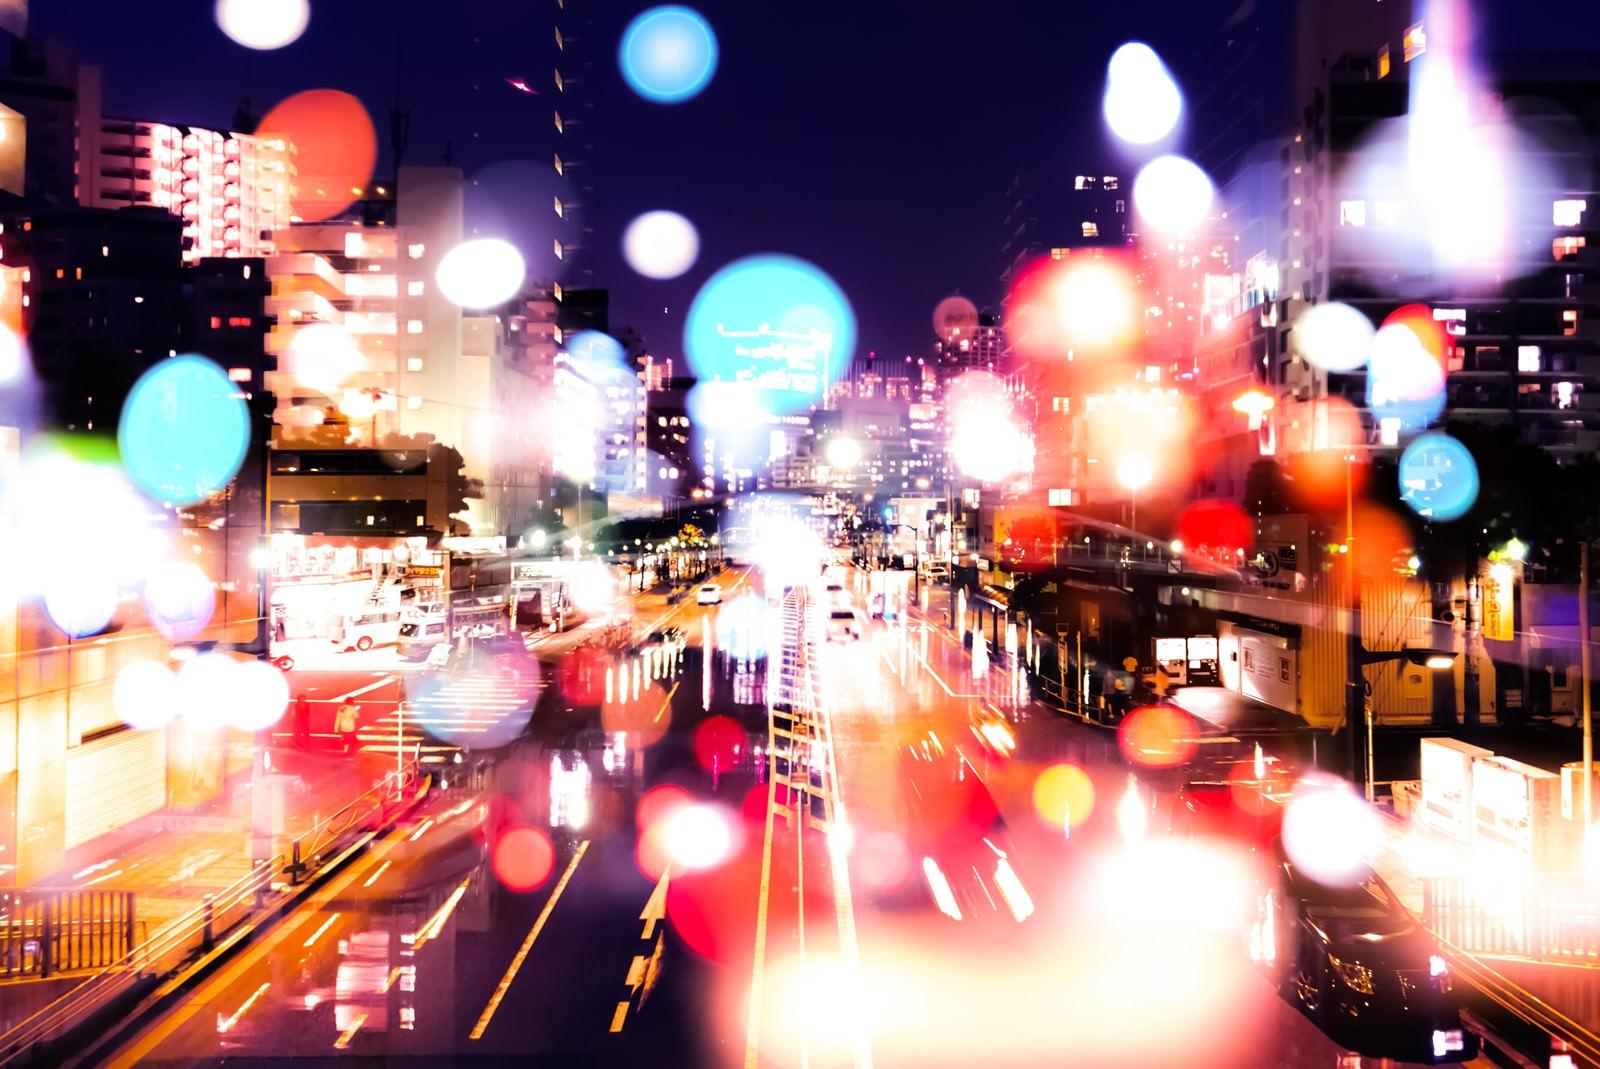 「ネオンの降り注ぐ街(フォトモンタージュ)ネオンの降り注ぐ街(フォトモンタージュ)」のフリー写真素材を拡大